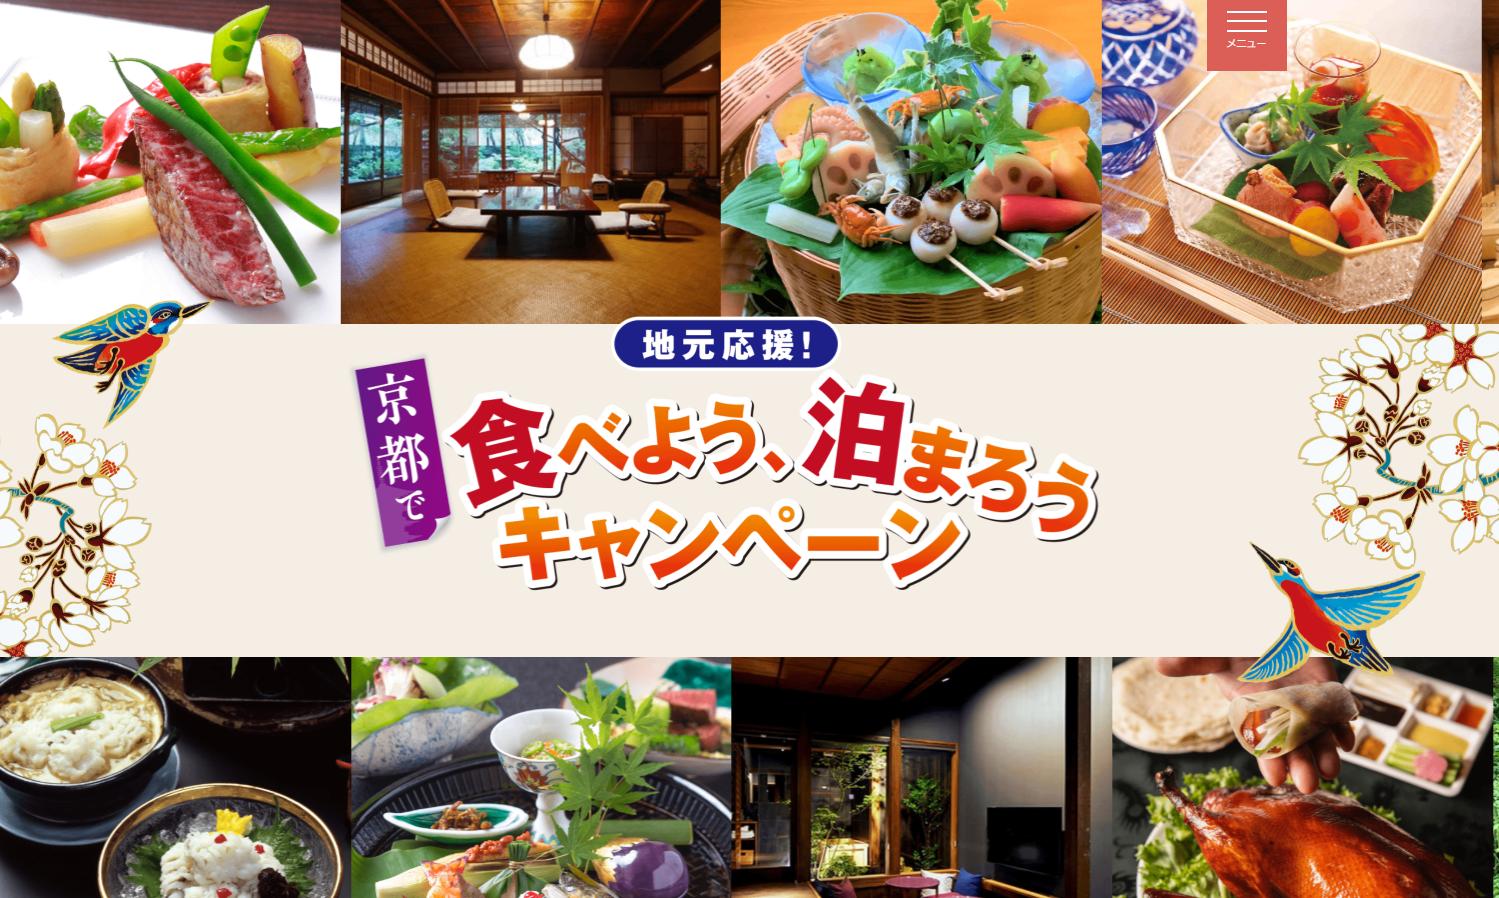 京都市主催♪『京都で泊まろうキャンペーン』の特別プラン!